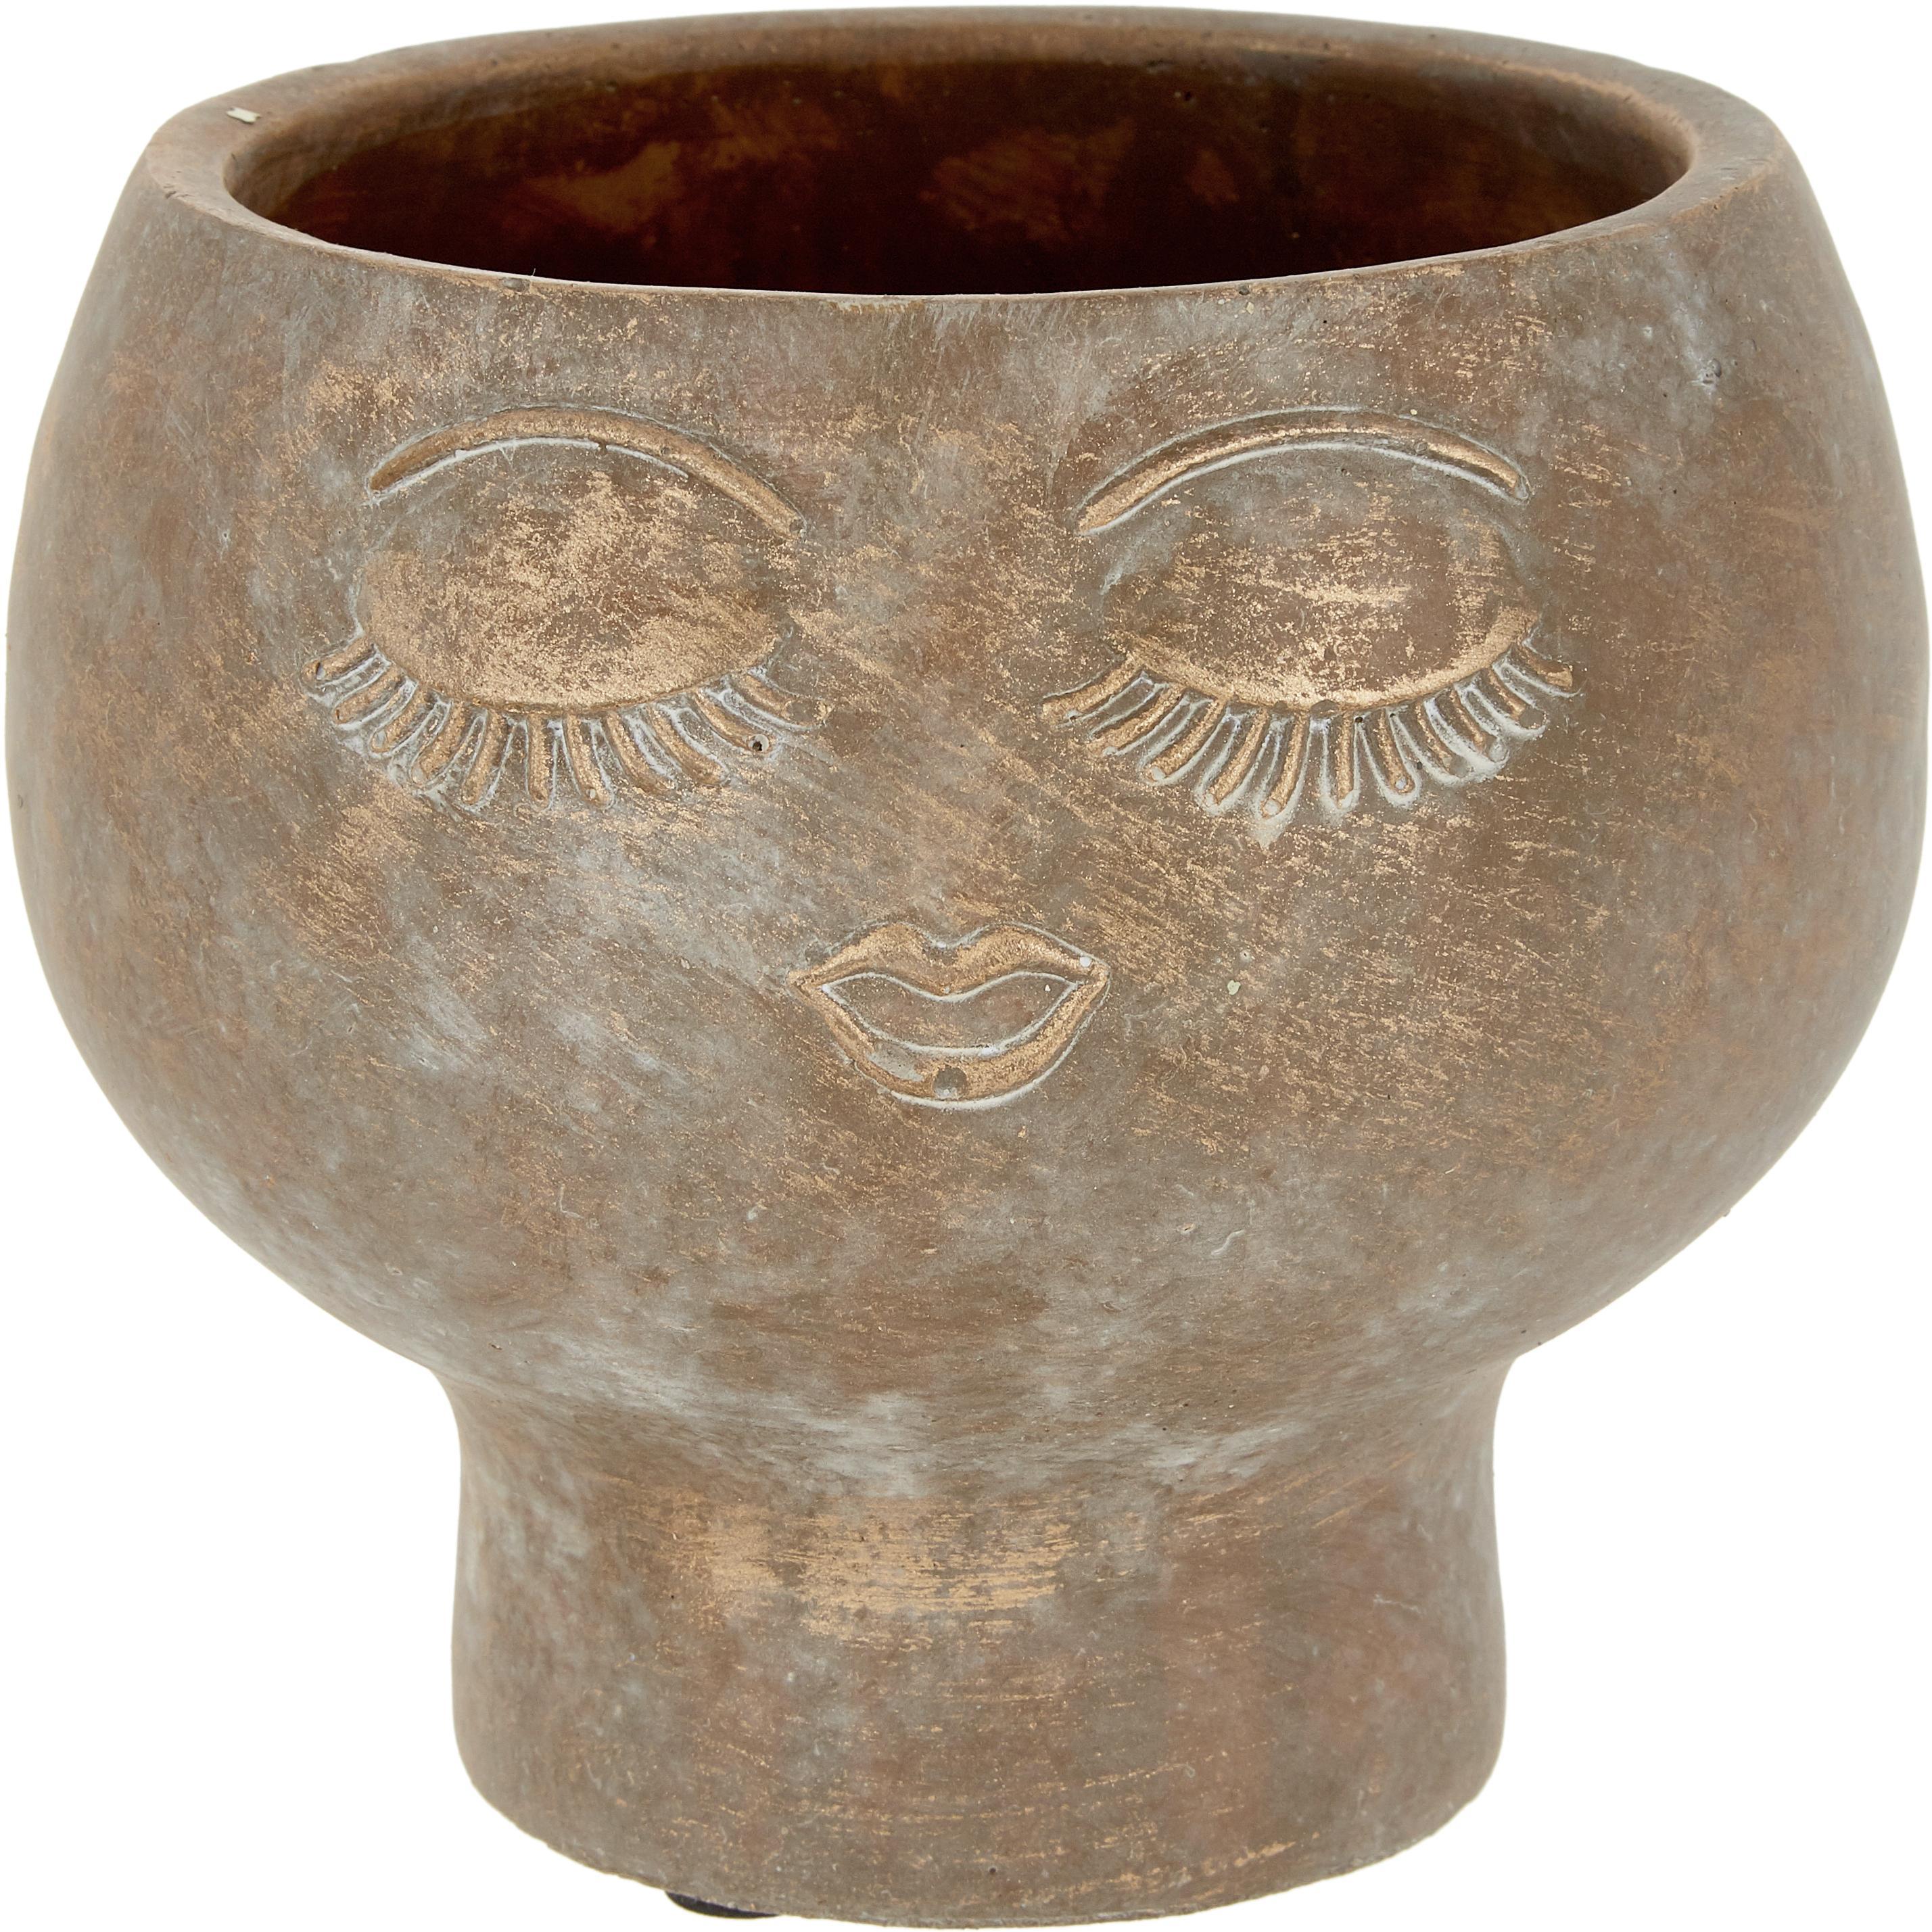 Macetero Consi, Cemento, recubierto, Latón, Ø 16 x Al 17 cm